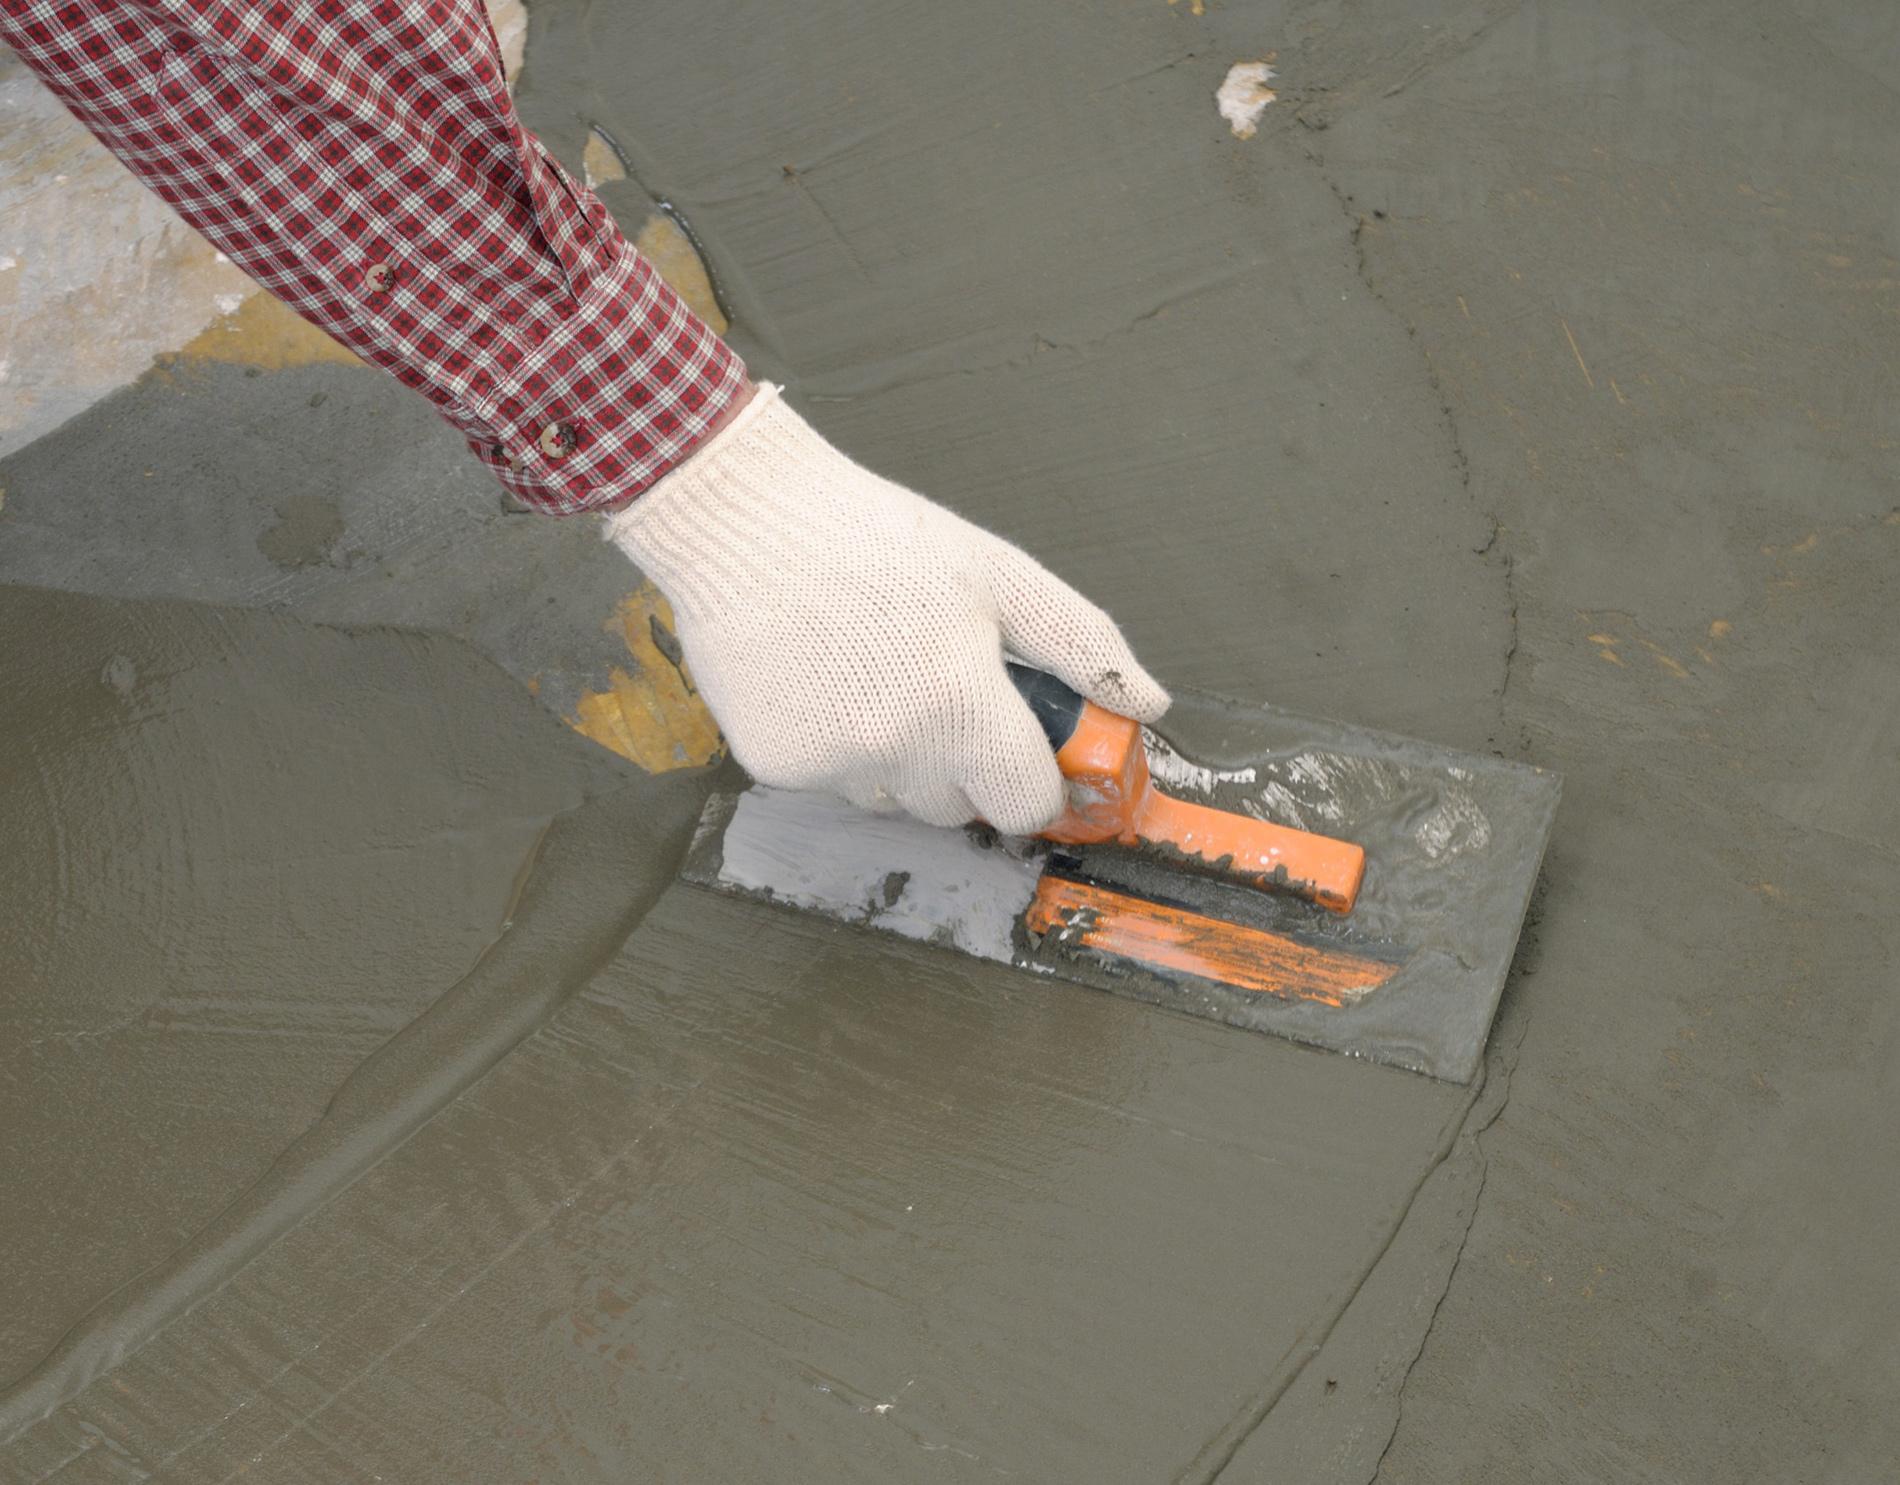 Industrial Concrete Crack Floor Repair Product Diy Kwikbond